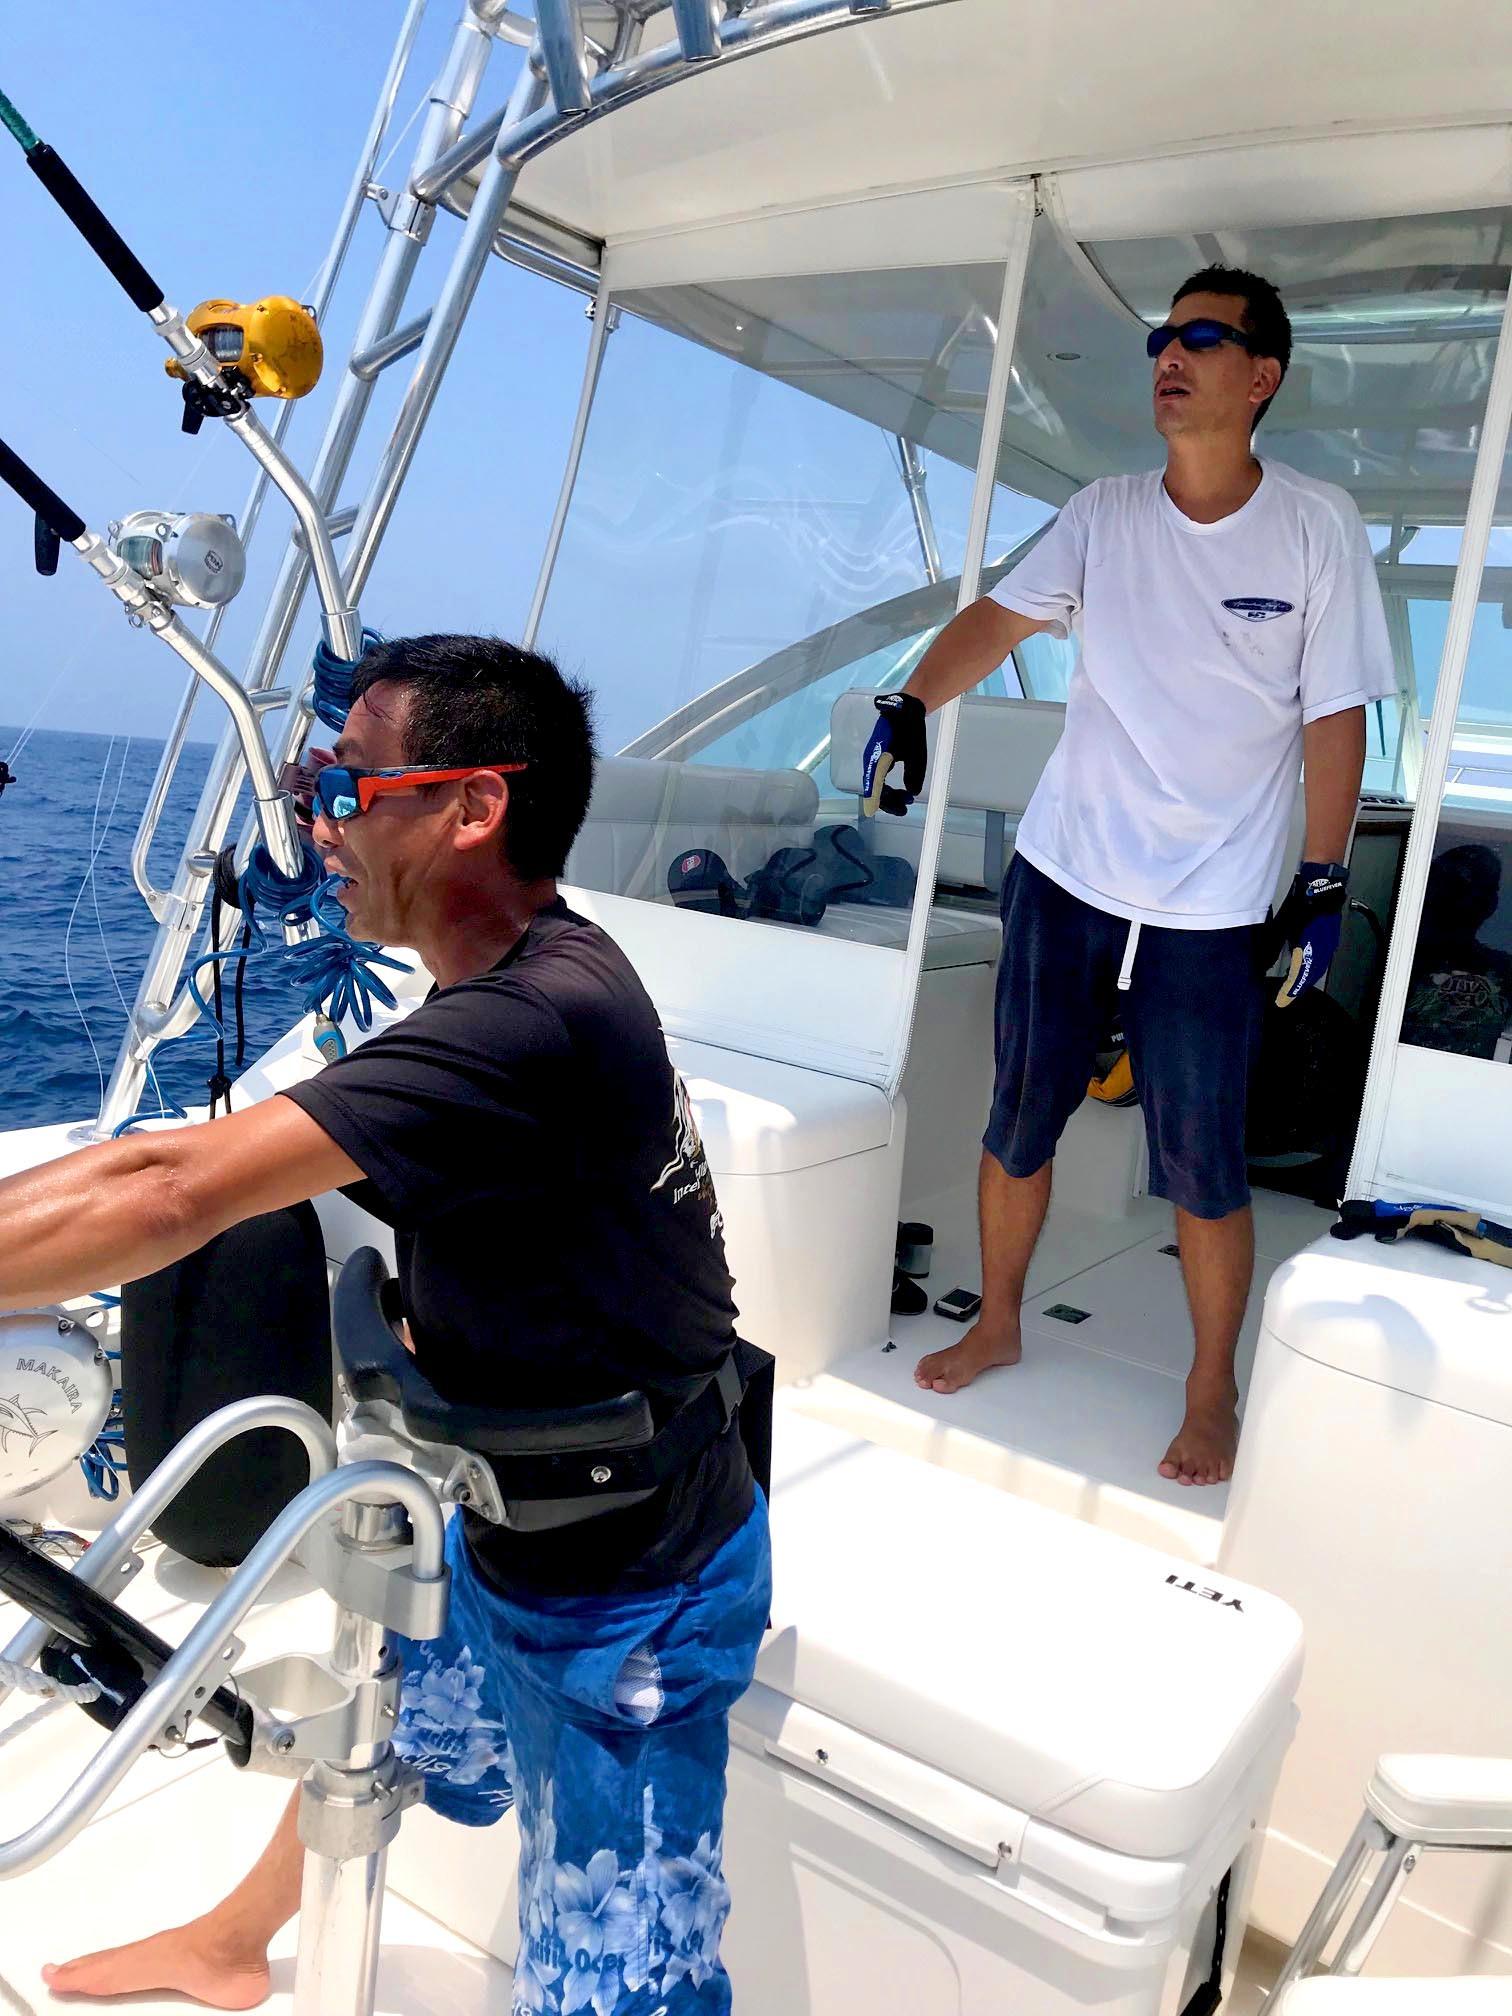 8月最初の土日は全国で釣れまくり3東日本編_f0009039_18493991.jpg